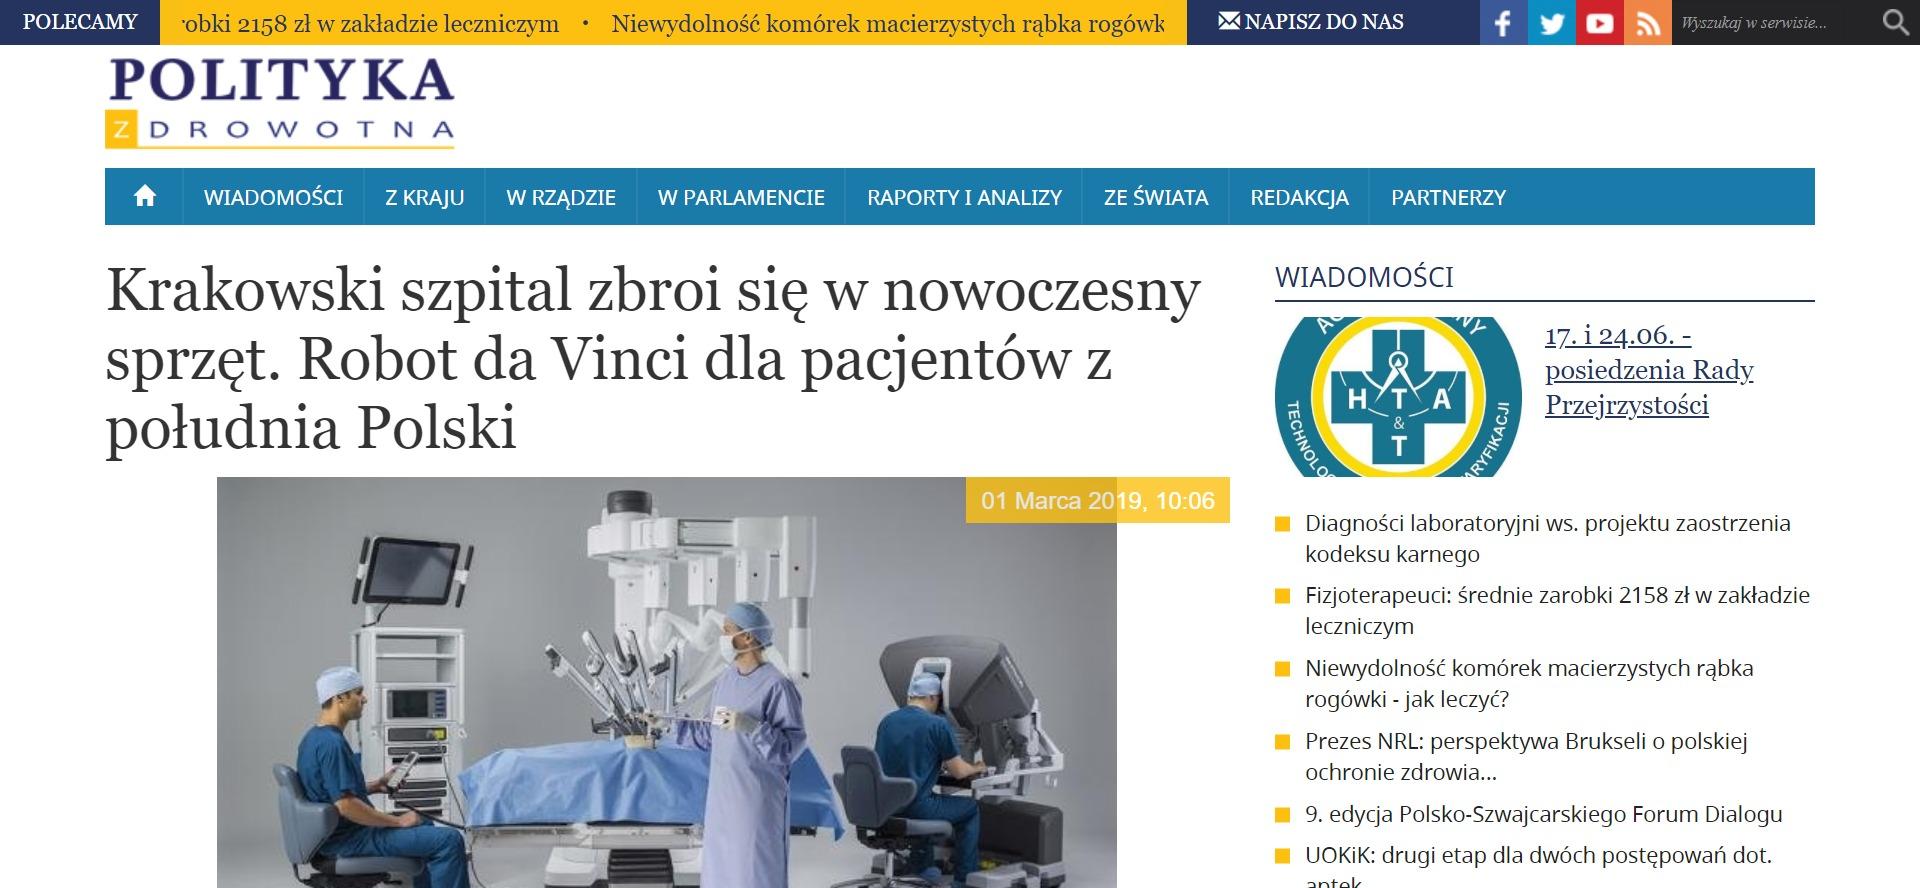 Krakowski szpital zbroi się w nowoczesny sprzęt. Robot da Vinci dla pacjentów z południa Polski